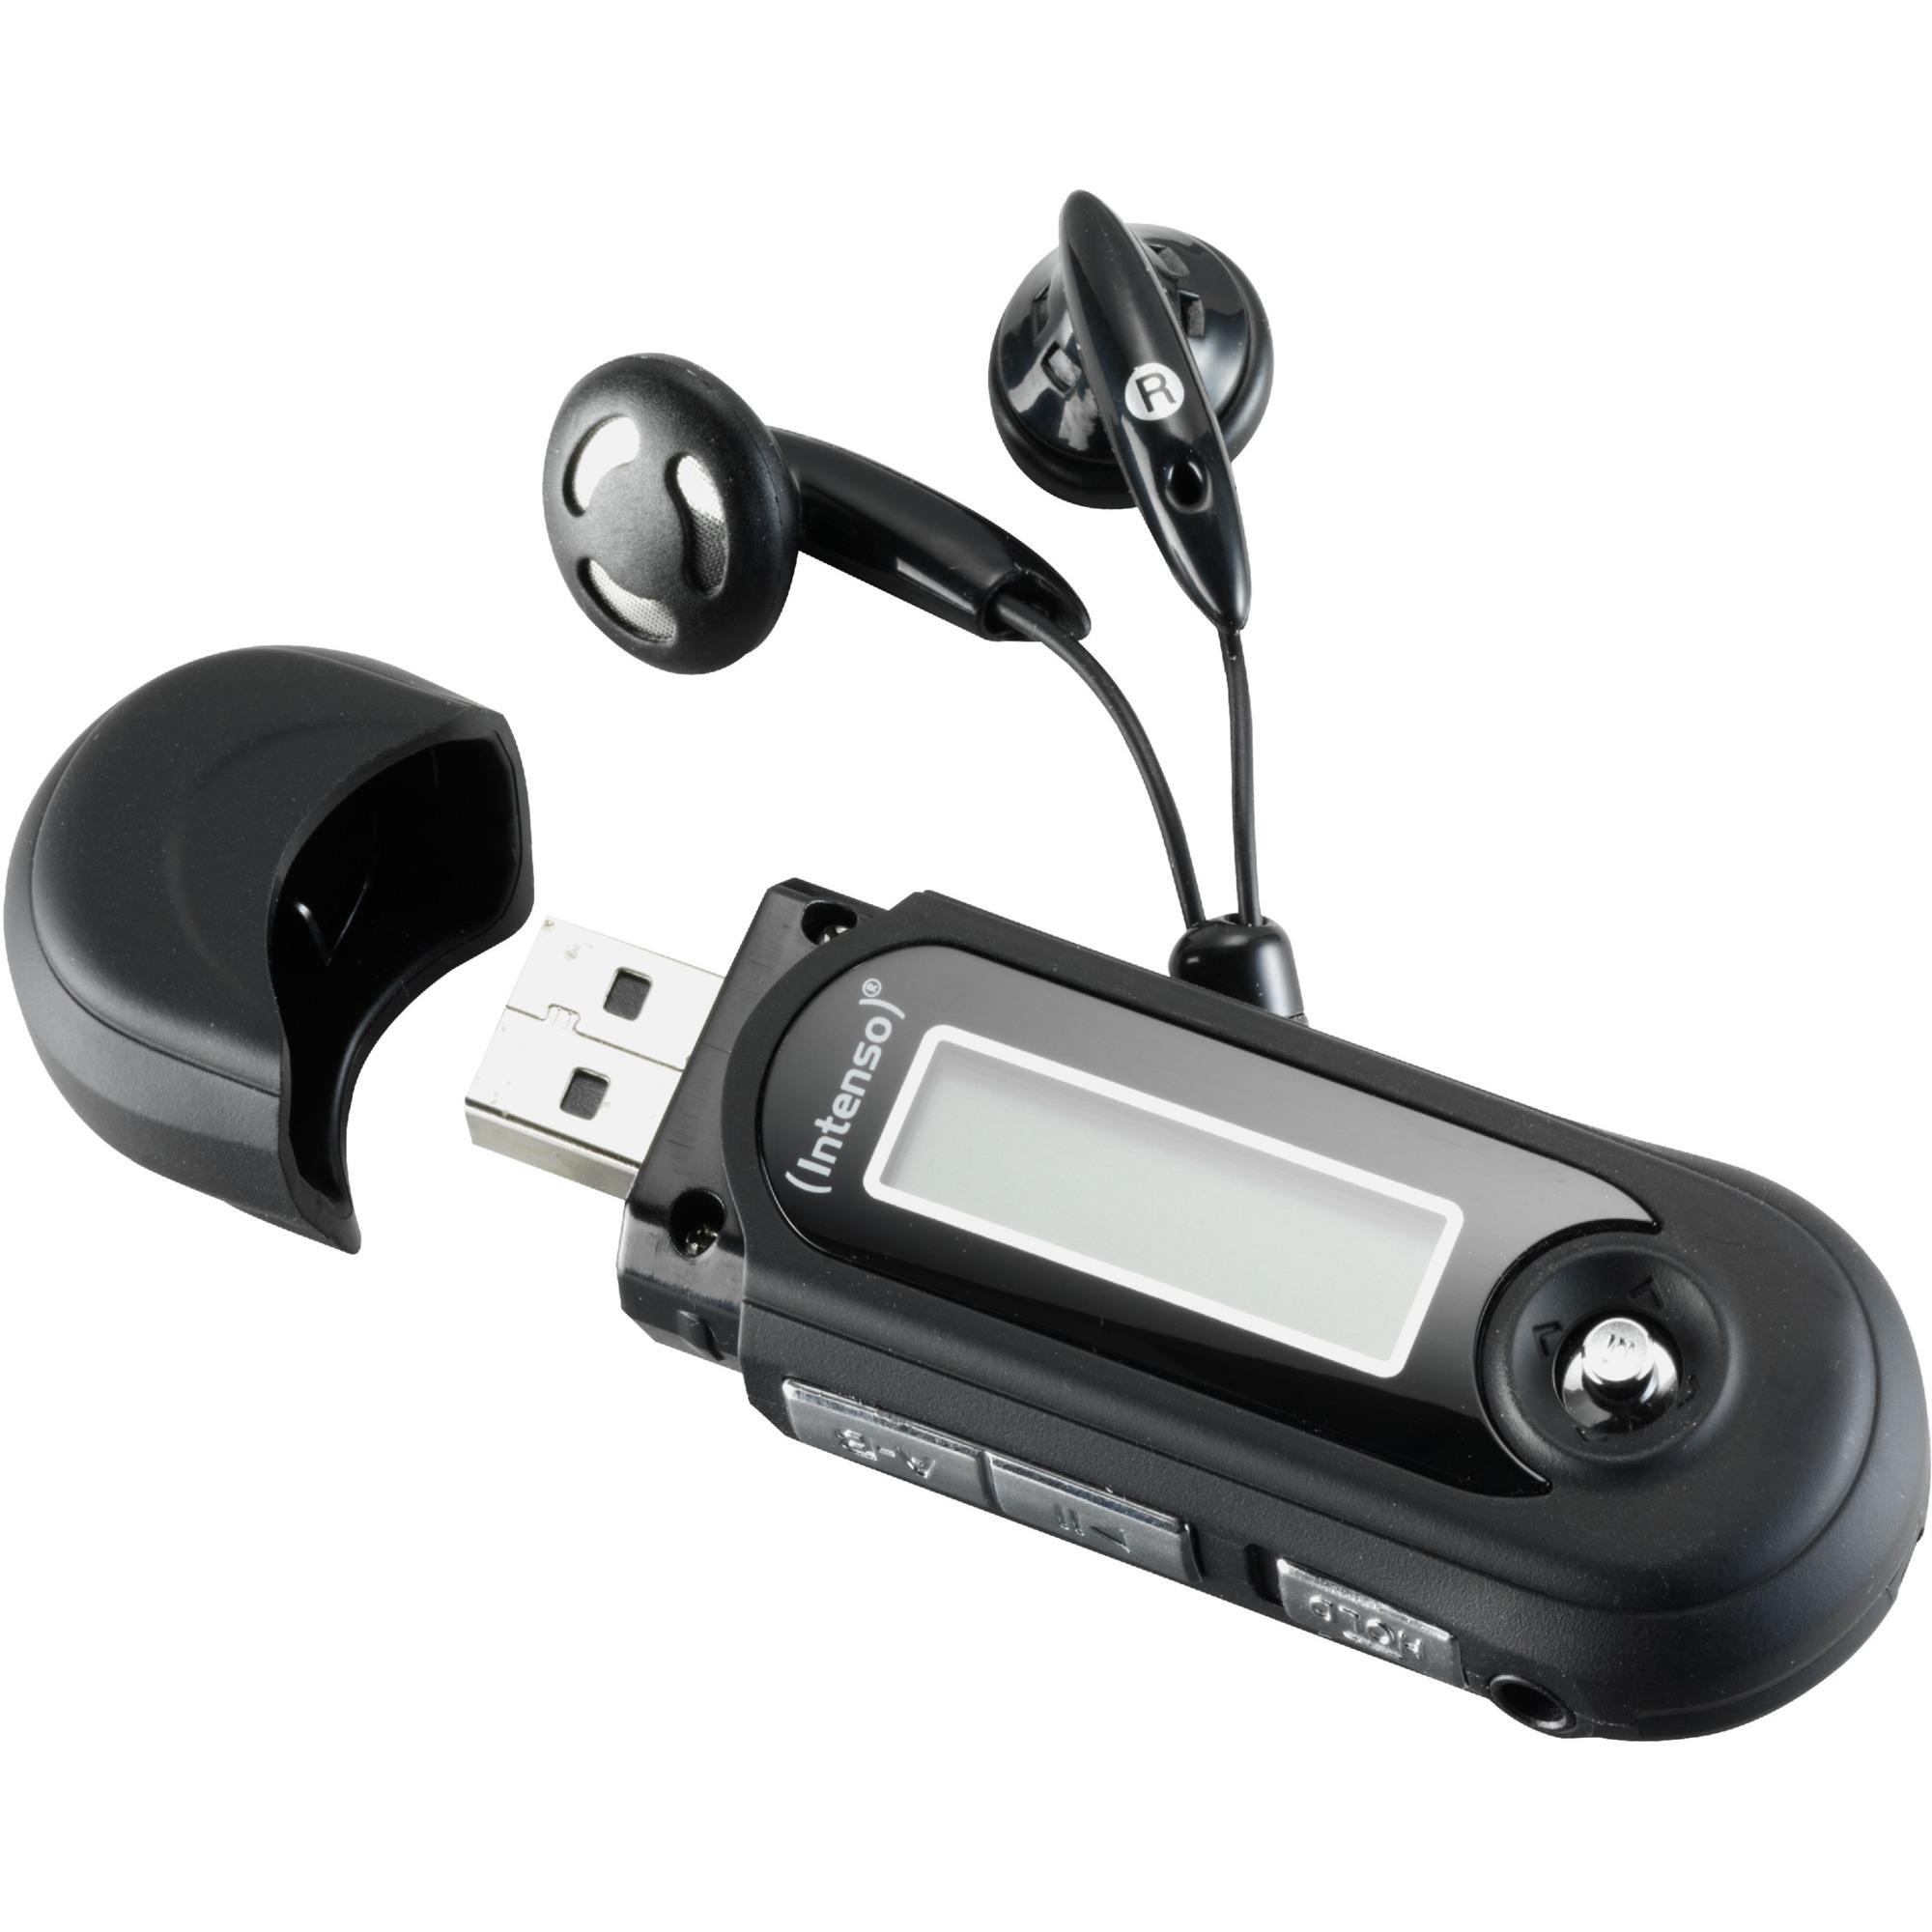 3601460 MP3 8GB Negro reproductor MP3/MP4